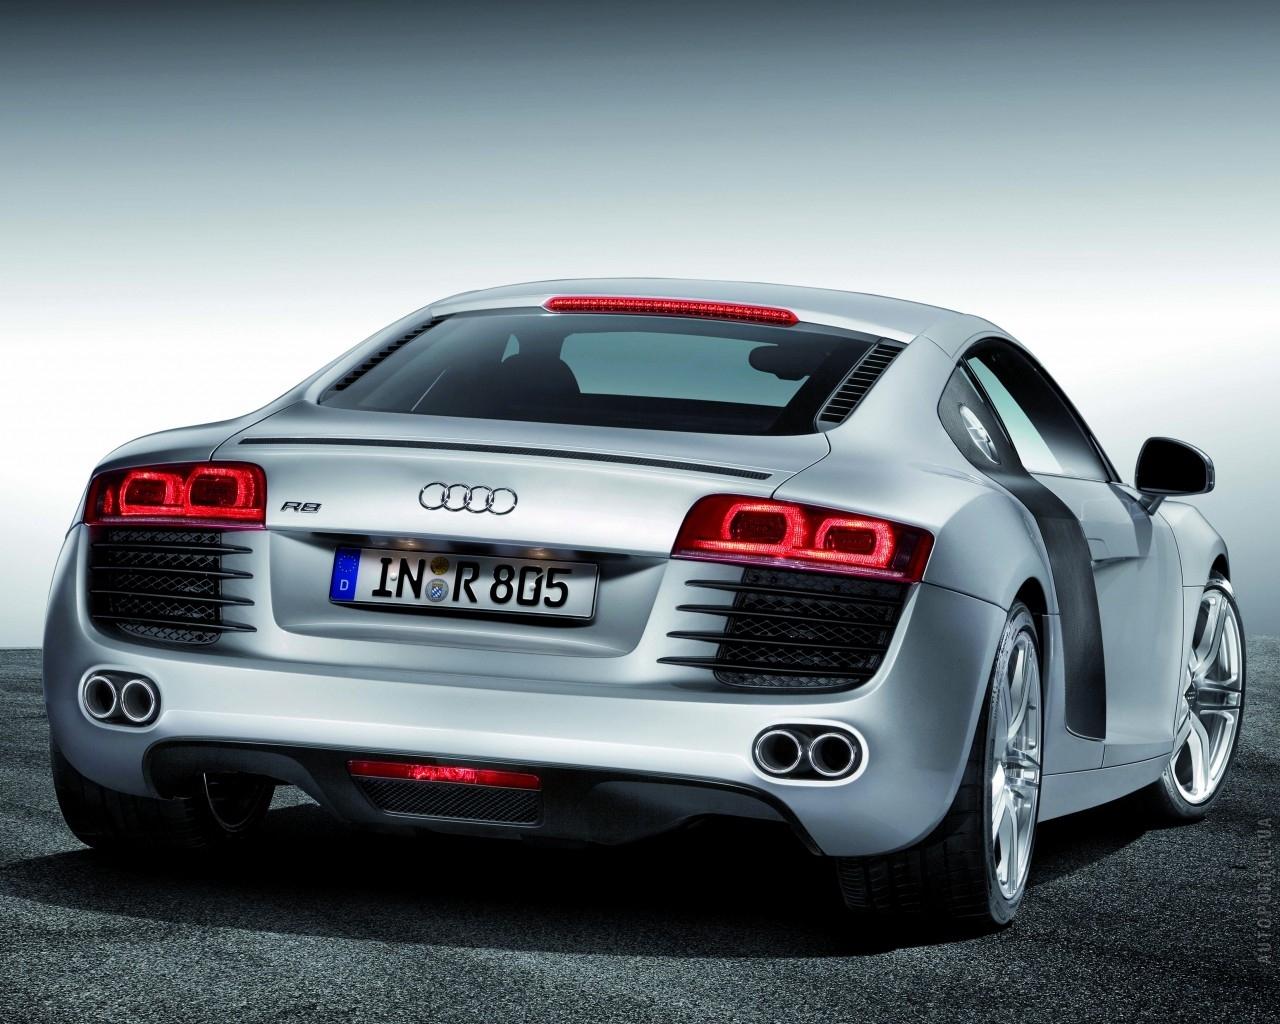 7351 скачать обои Транспорт, Машины, Ауди (Audi) - заставки и картинки бесплатно